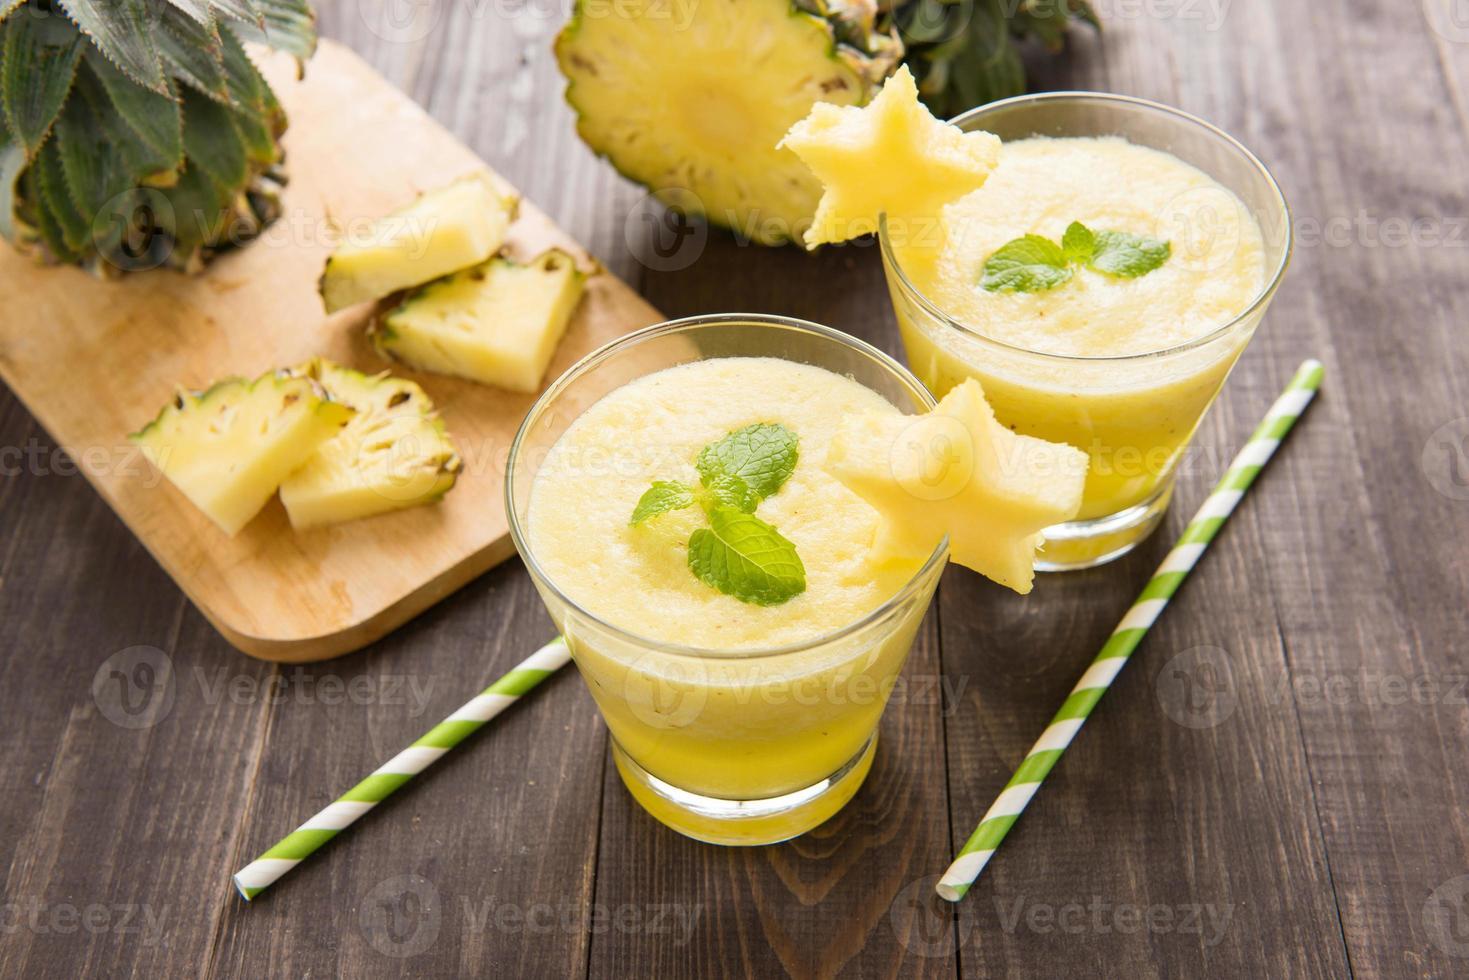 ananas smoothie met verse ananas op houten tafel foto